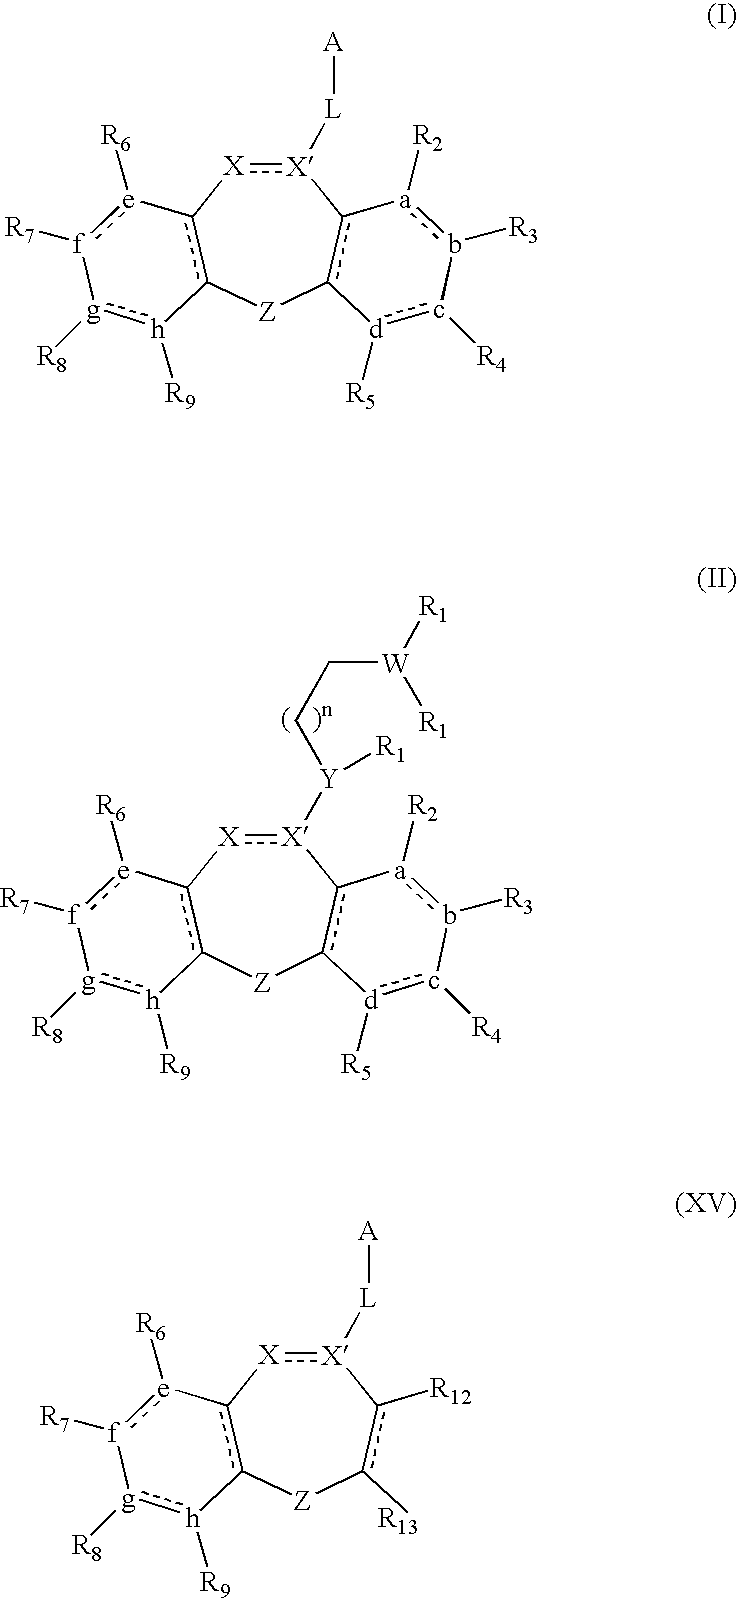 Figure US20060252744A1-20061109-C00216